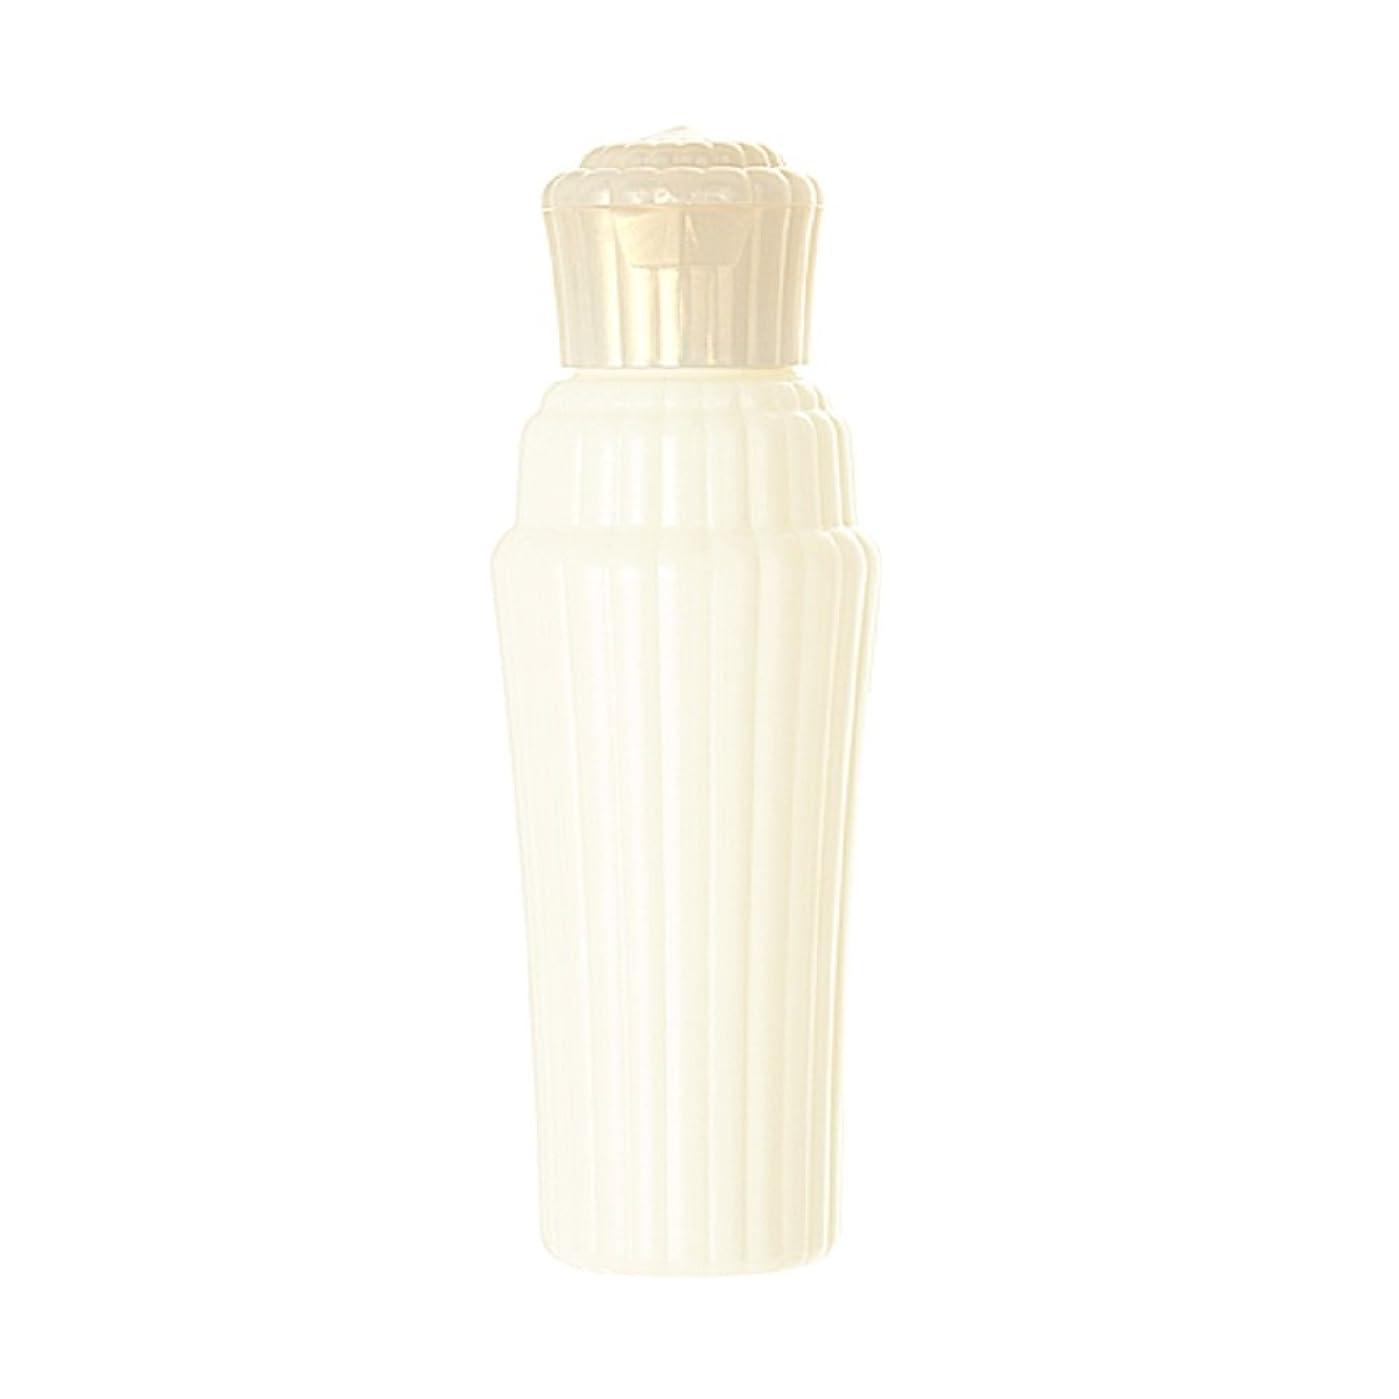 オレンジたるみチケットアユーラ (AYURA) クリアフォーミングミルク 150mL 〈ミルク状洗顔料〉